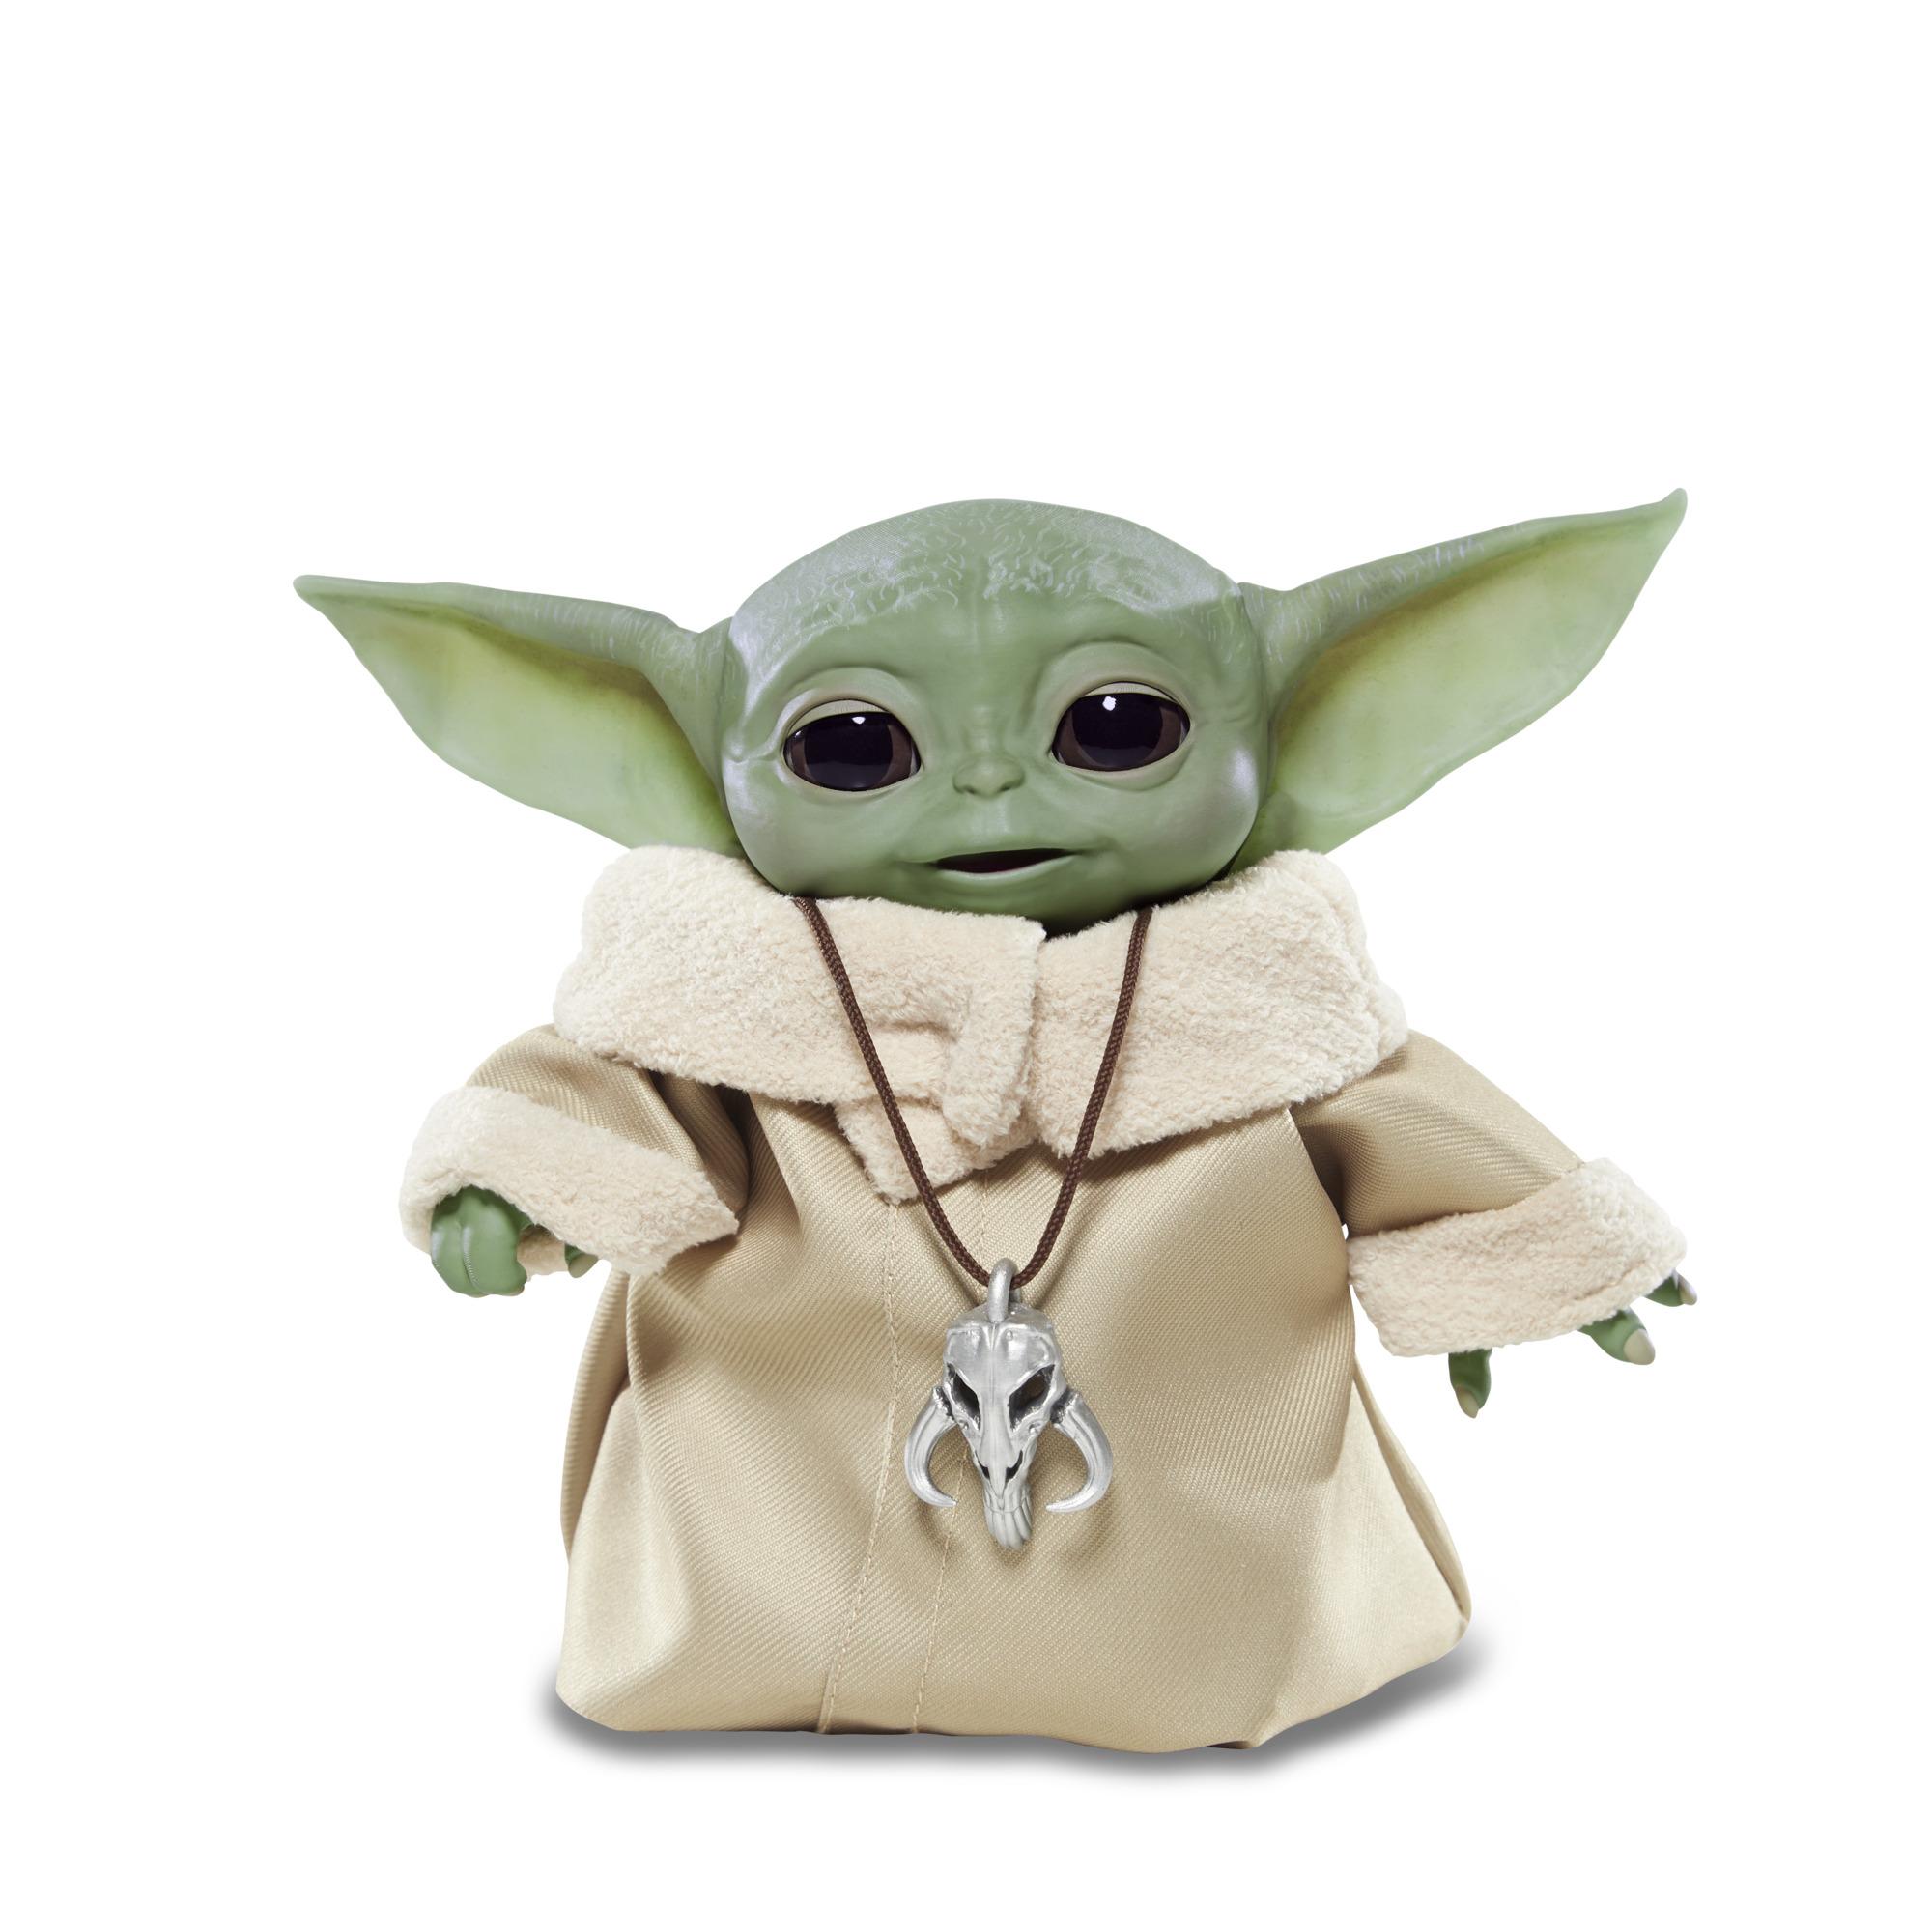 TM Baby Yoda (The Child) Animatronic Toy 1